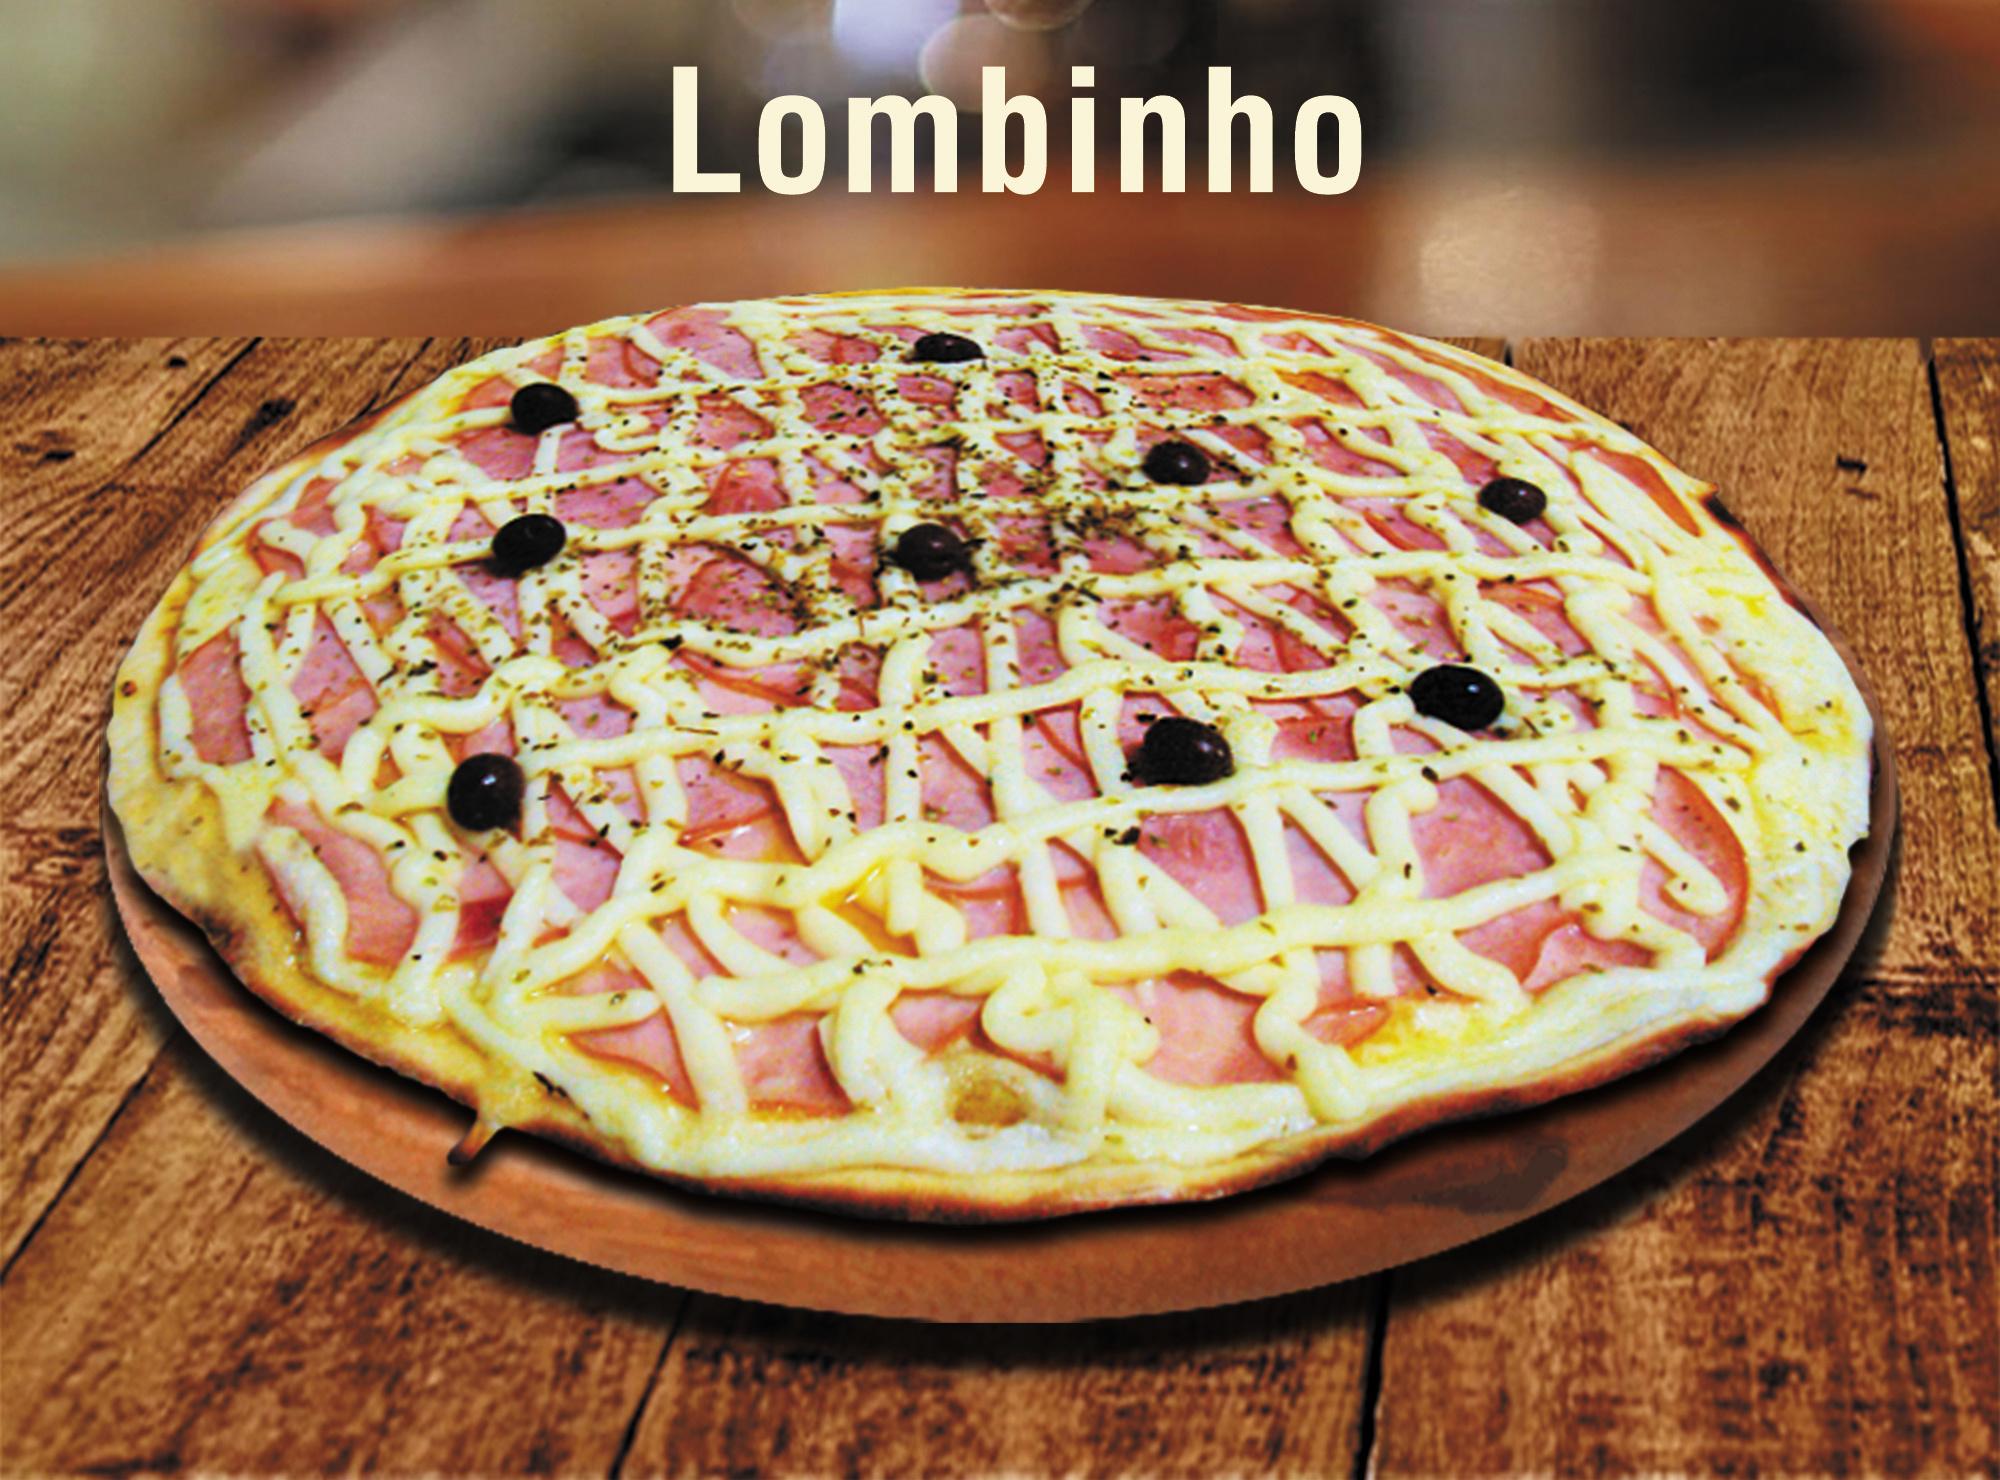 Lombinho - Pizzas Ribeirão Preto